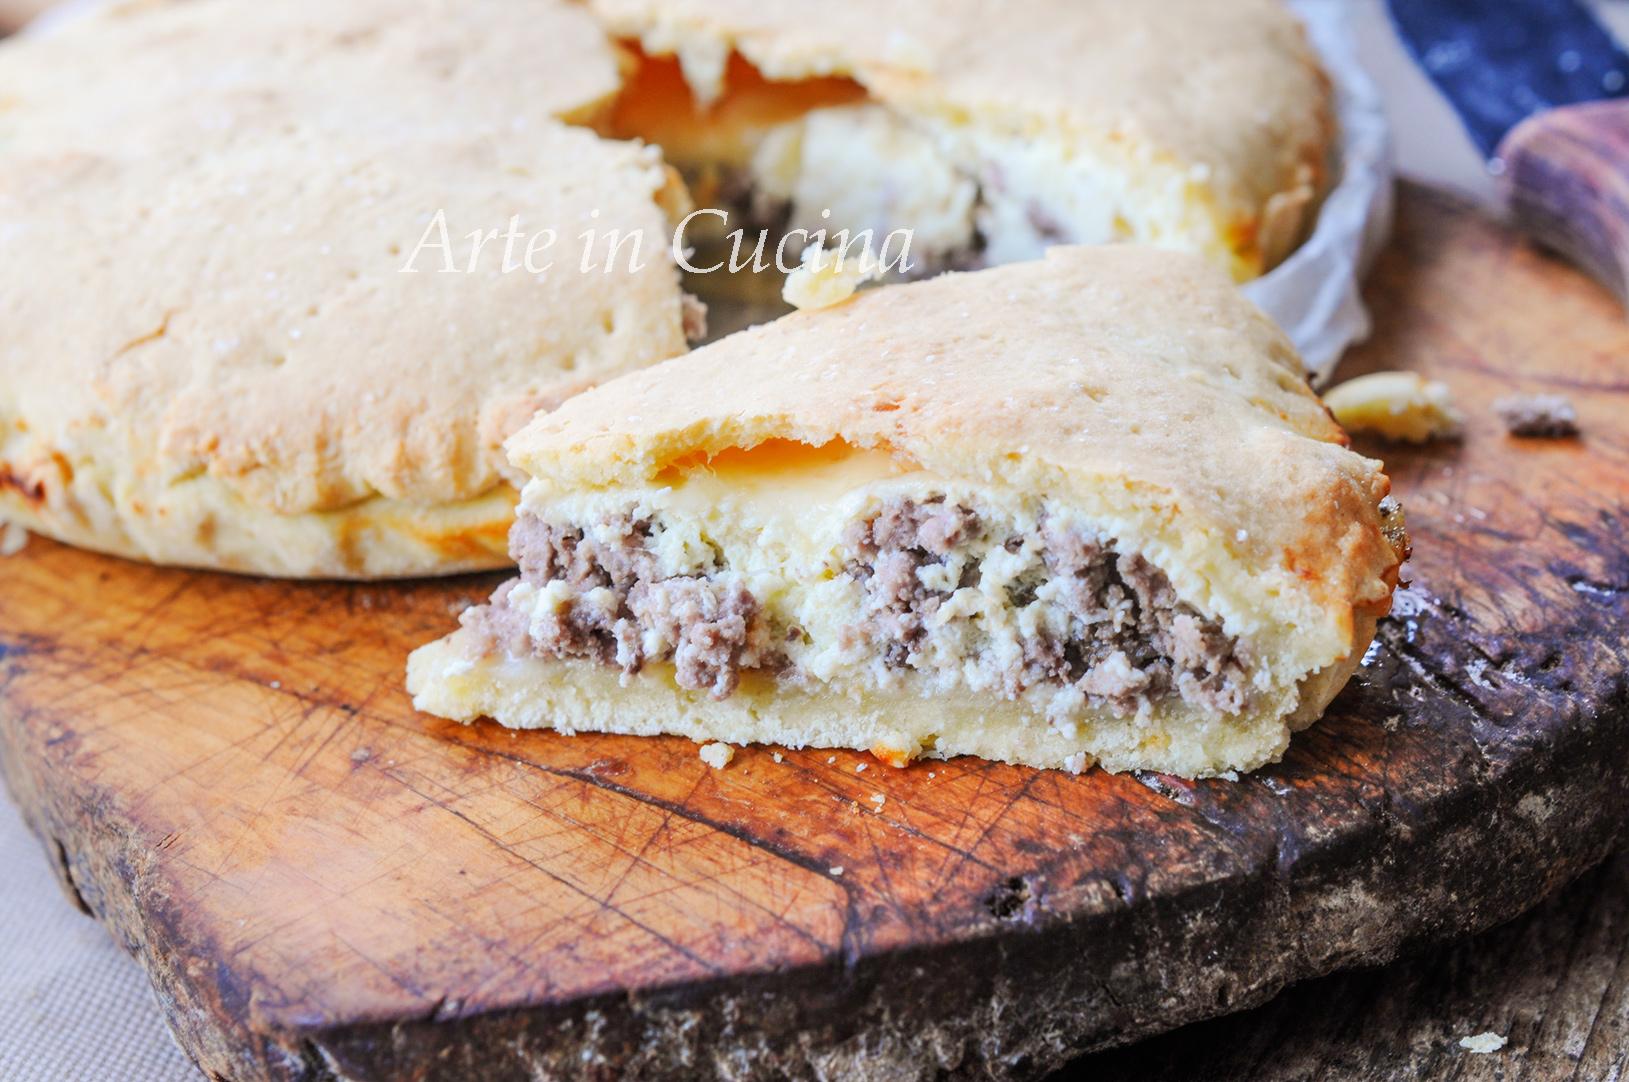 Calzone di carnevale con carne barese vickyart arte in cucina